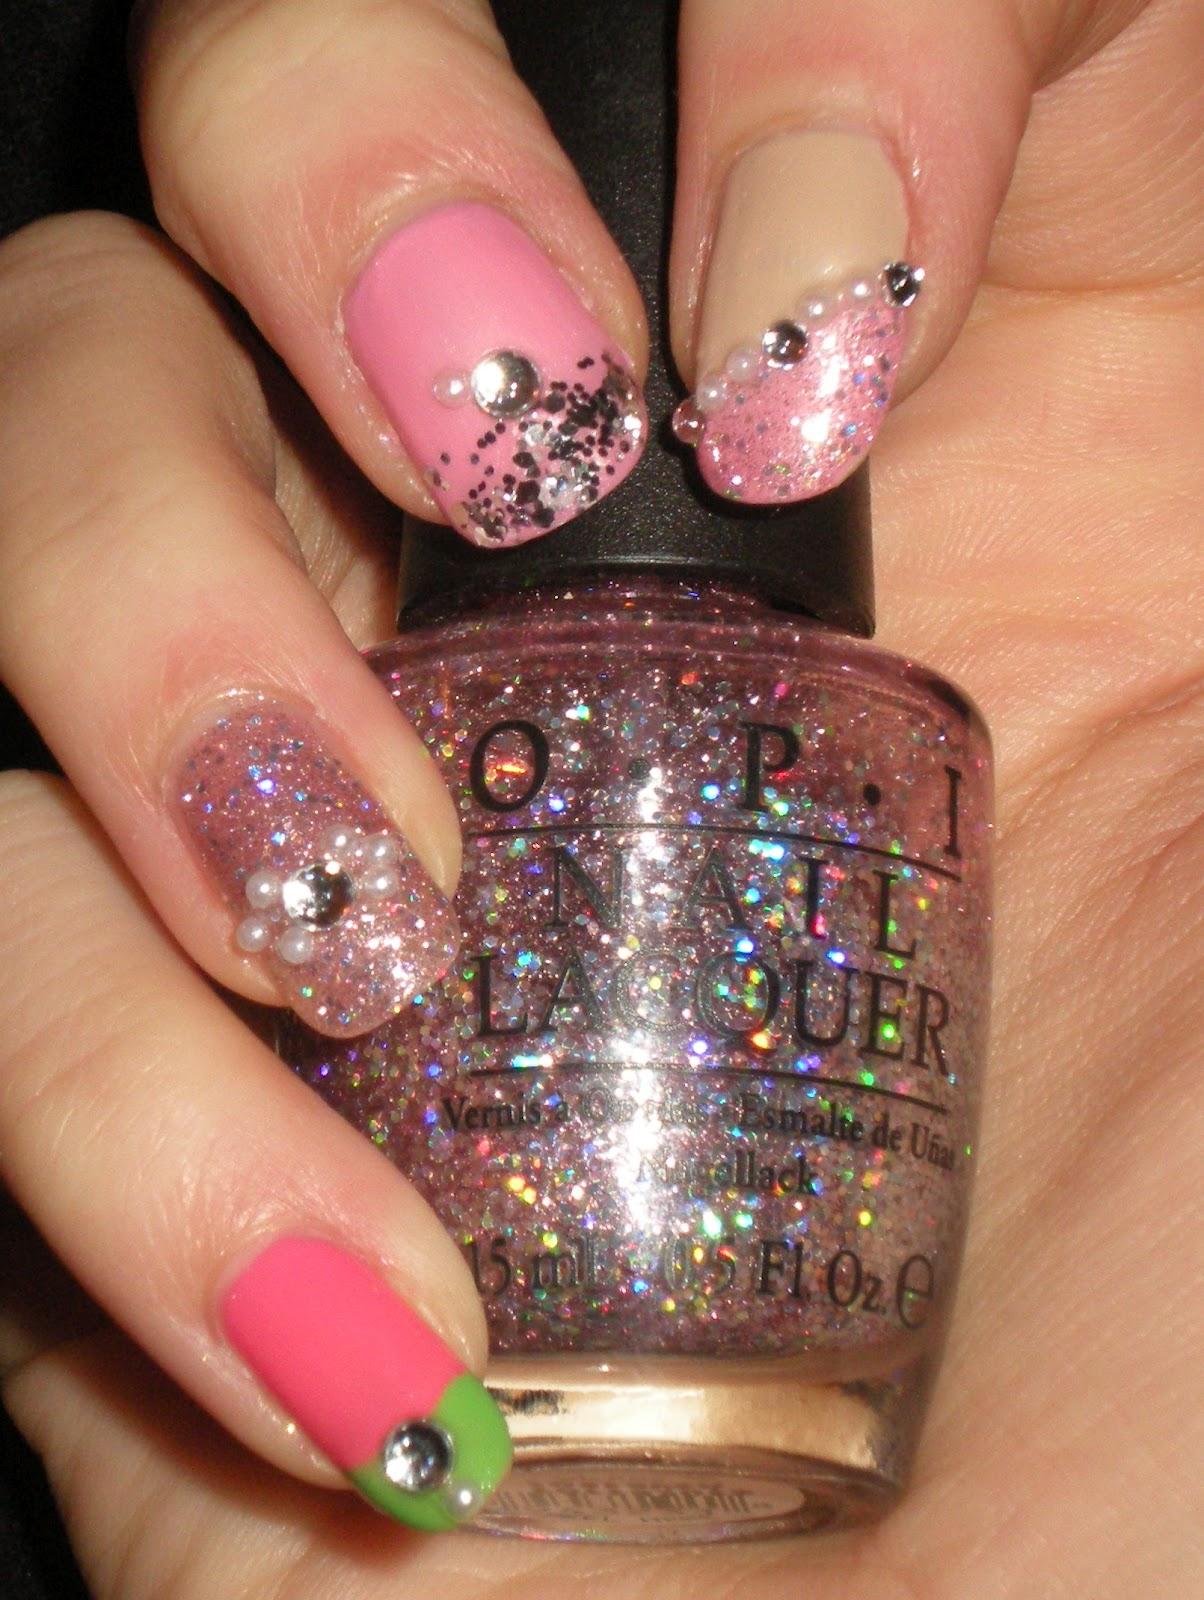 Castinails: Nicki Minaj Nail Art